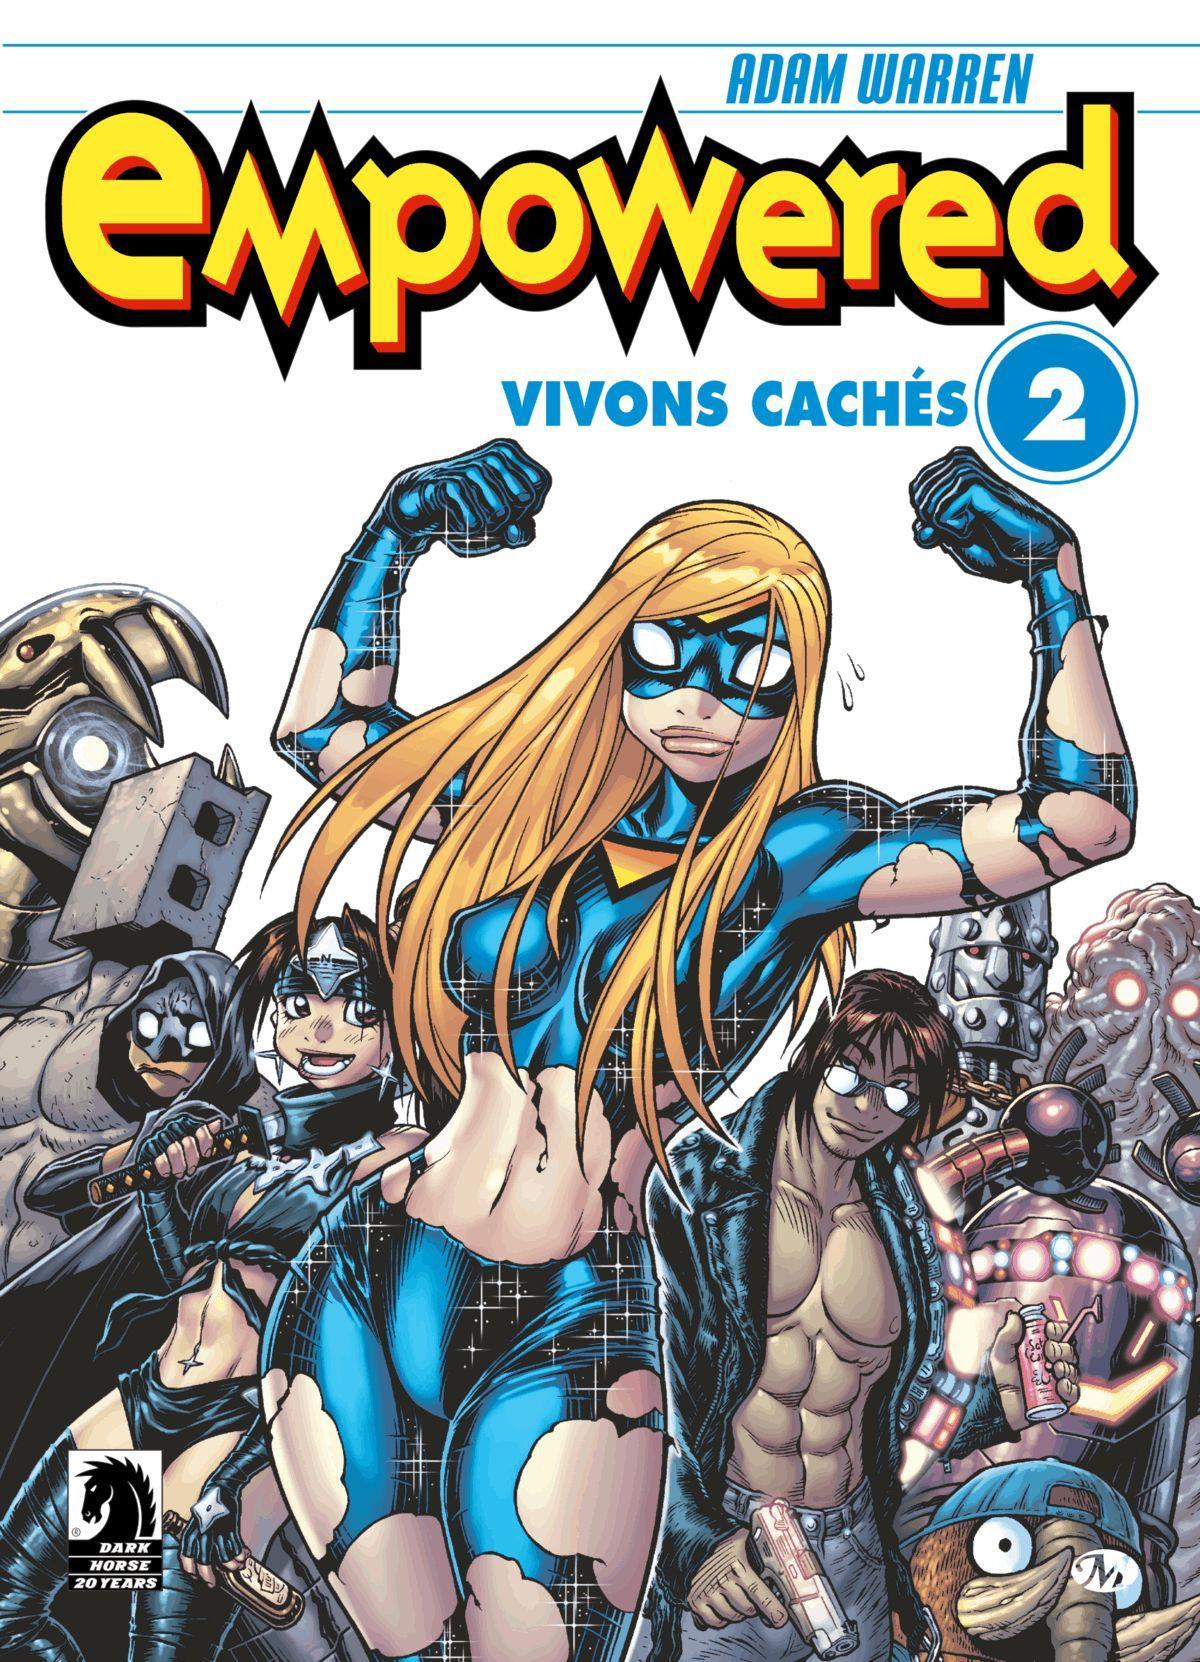 Empowered #2 : Vivons cachés, EMPOWERED, T2